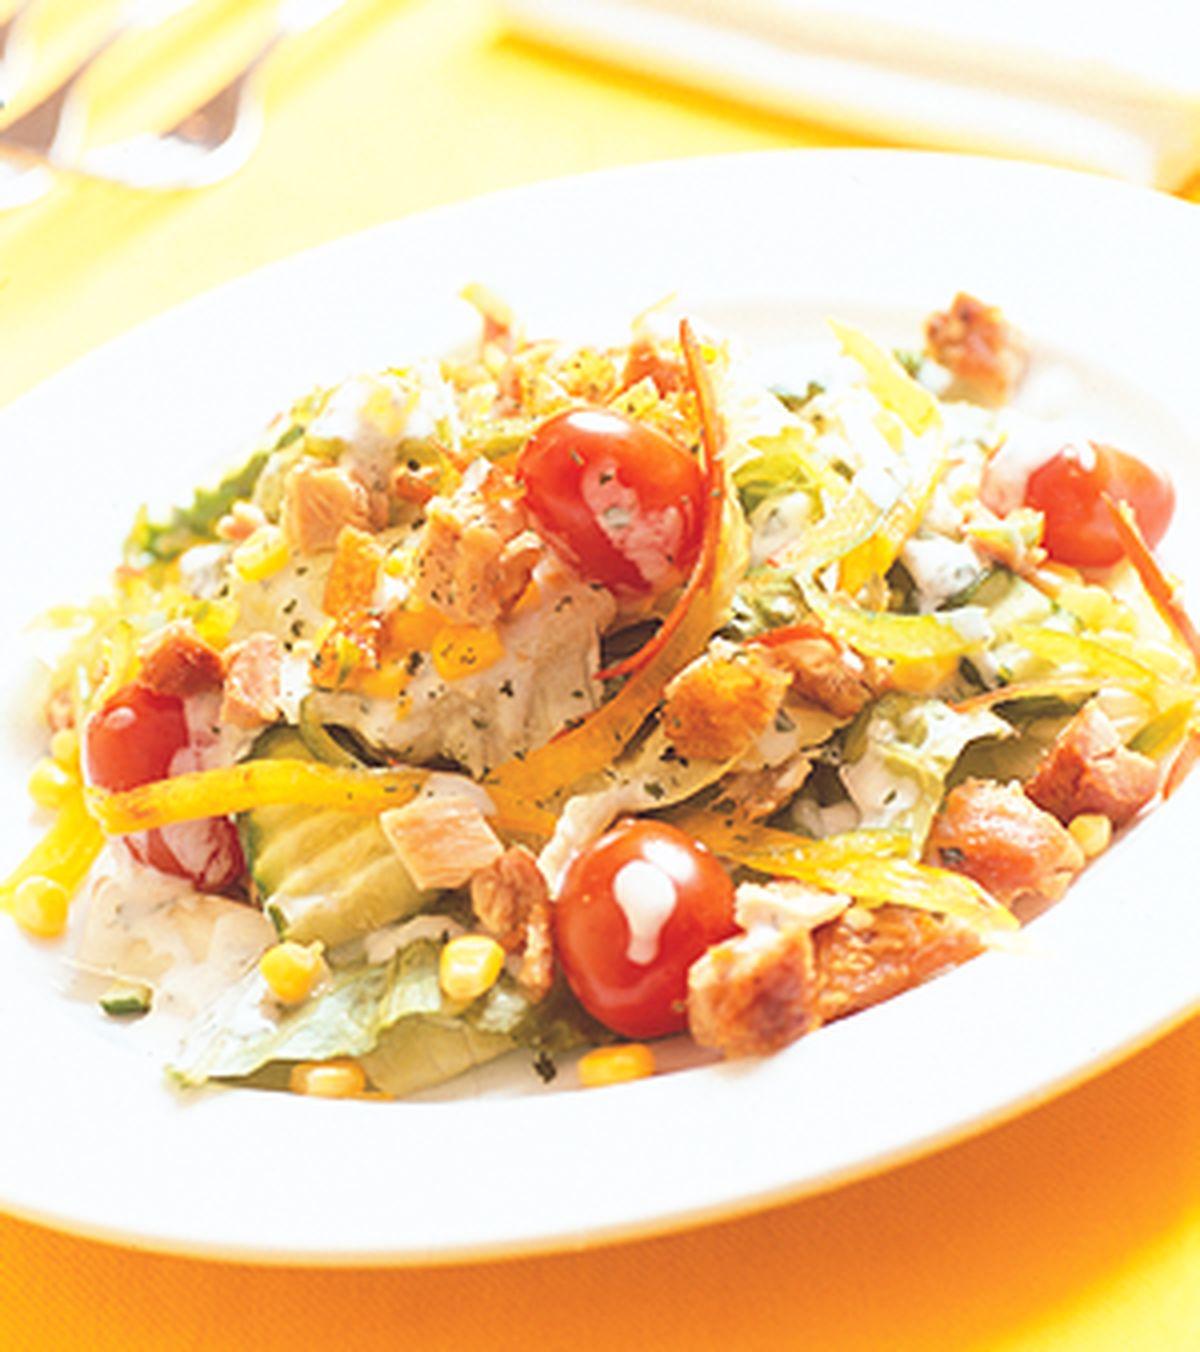 食譜:薄荷香料蔬菜沙拉